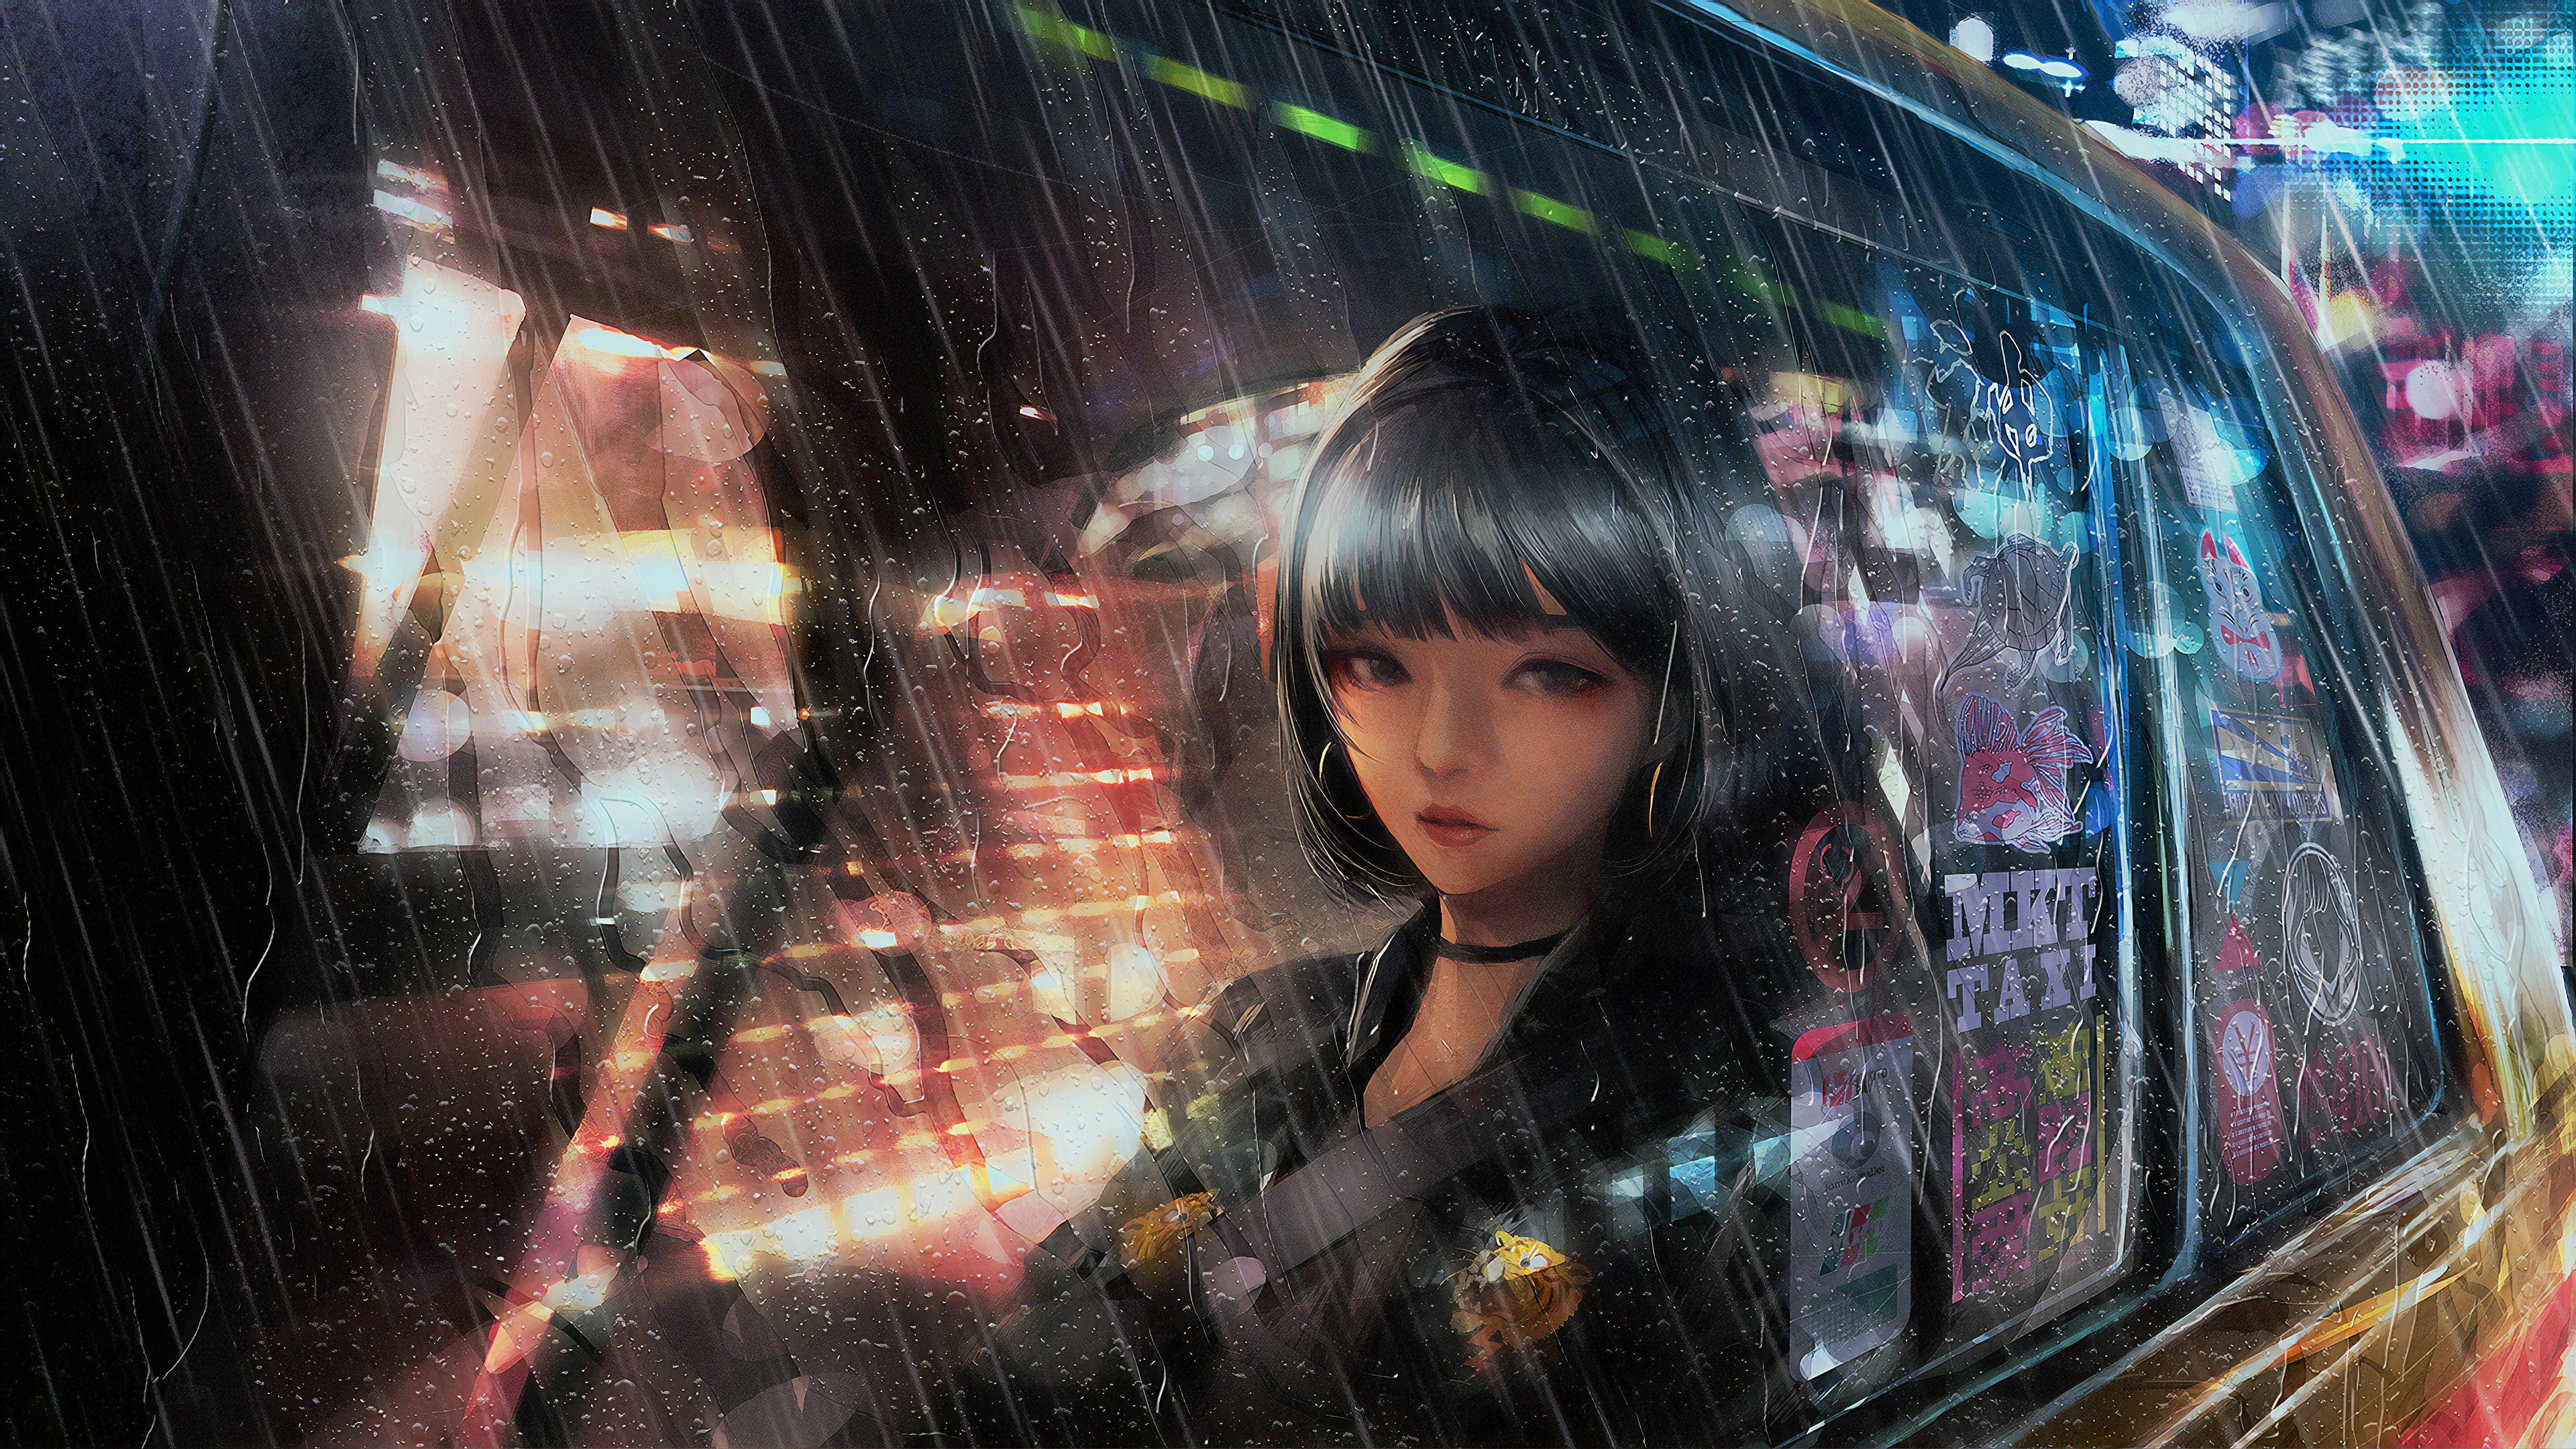 anime girl in taxi raining 1563222652 - Anime Girl In Taxi Raining - sad wallpapers, rain wallpapers, hd-wallpapers, digital art wallpapers, artwork wallpapers, artist wallpapers, anime wallpapers, anime girl wallpapers, alone wallpapers, 4k-wallpapers